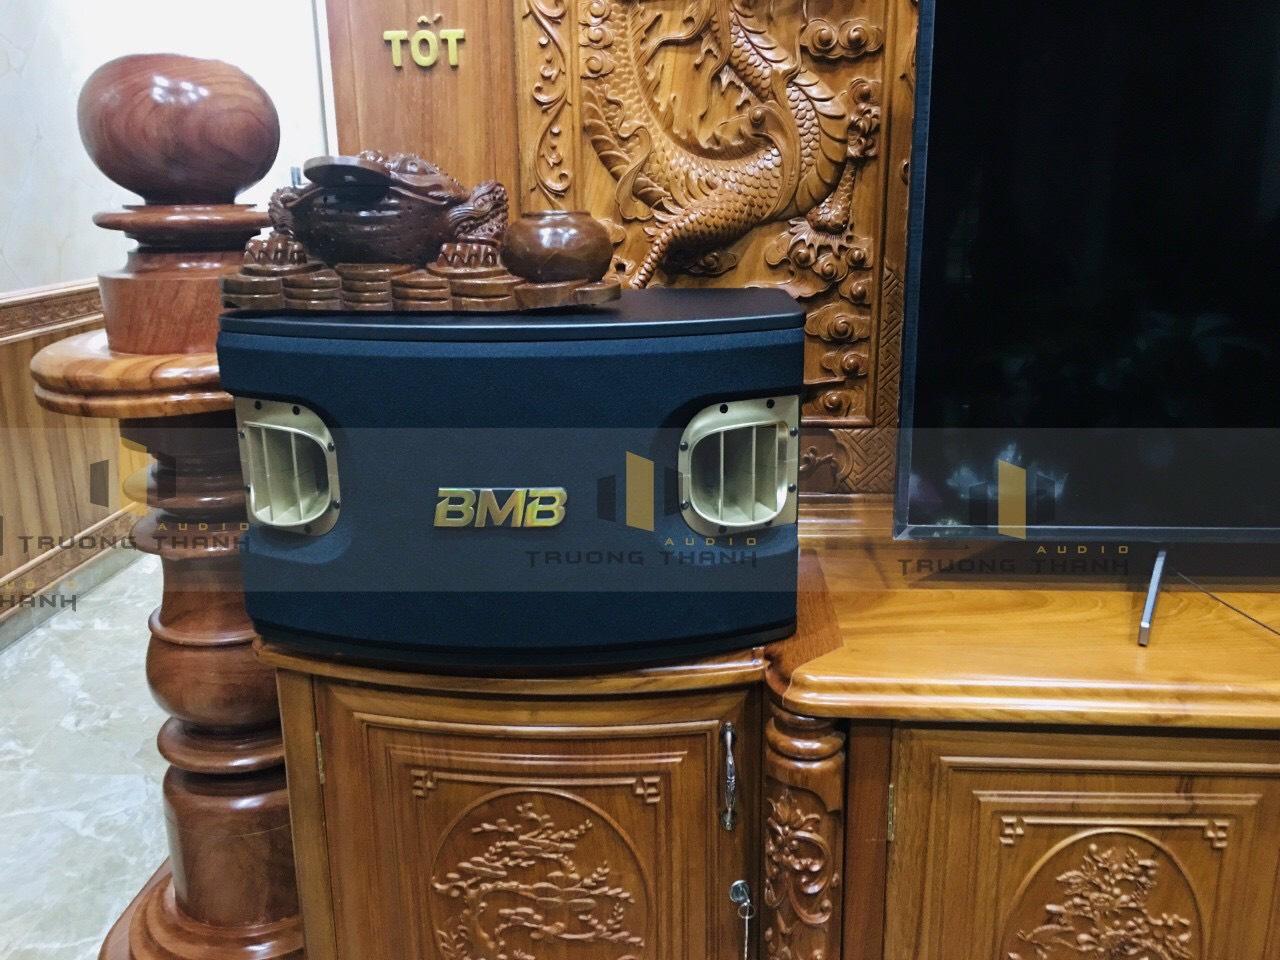 Lắp đặt bộ dàn karaoke BMB chính hãng 3